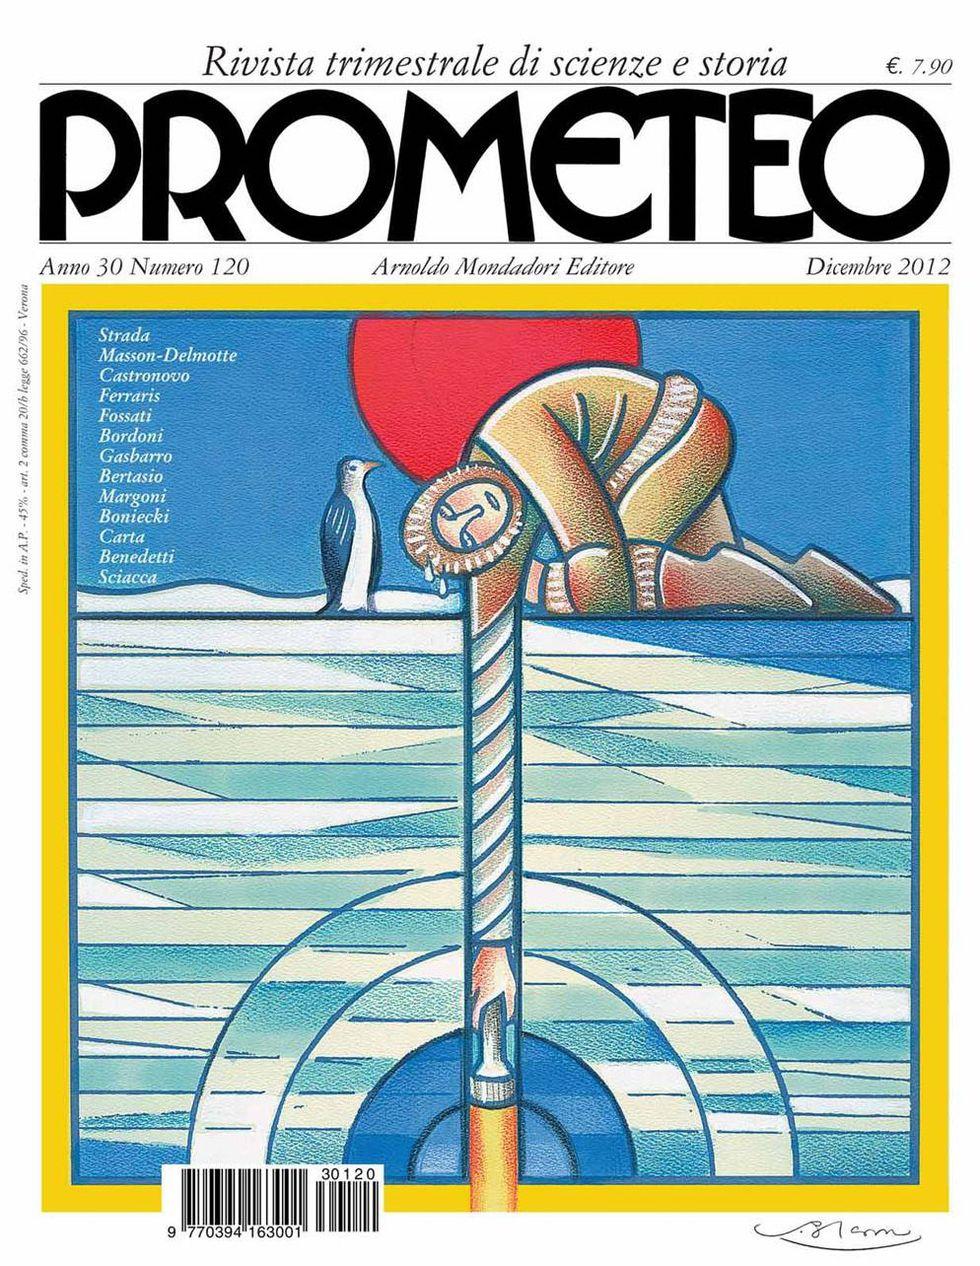 Prometeo, è in edicola il numero di dicembre 2012